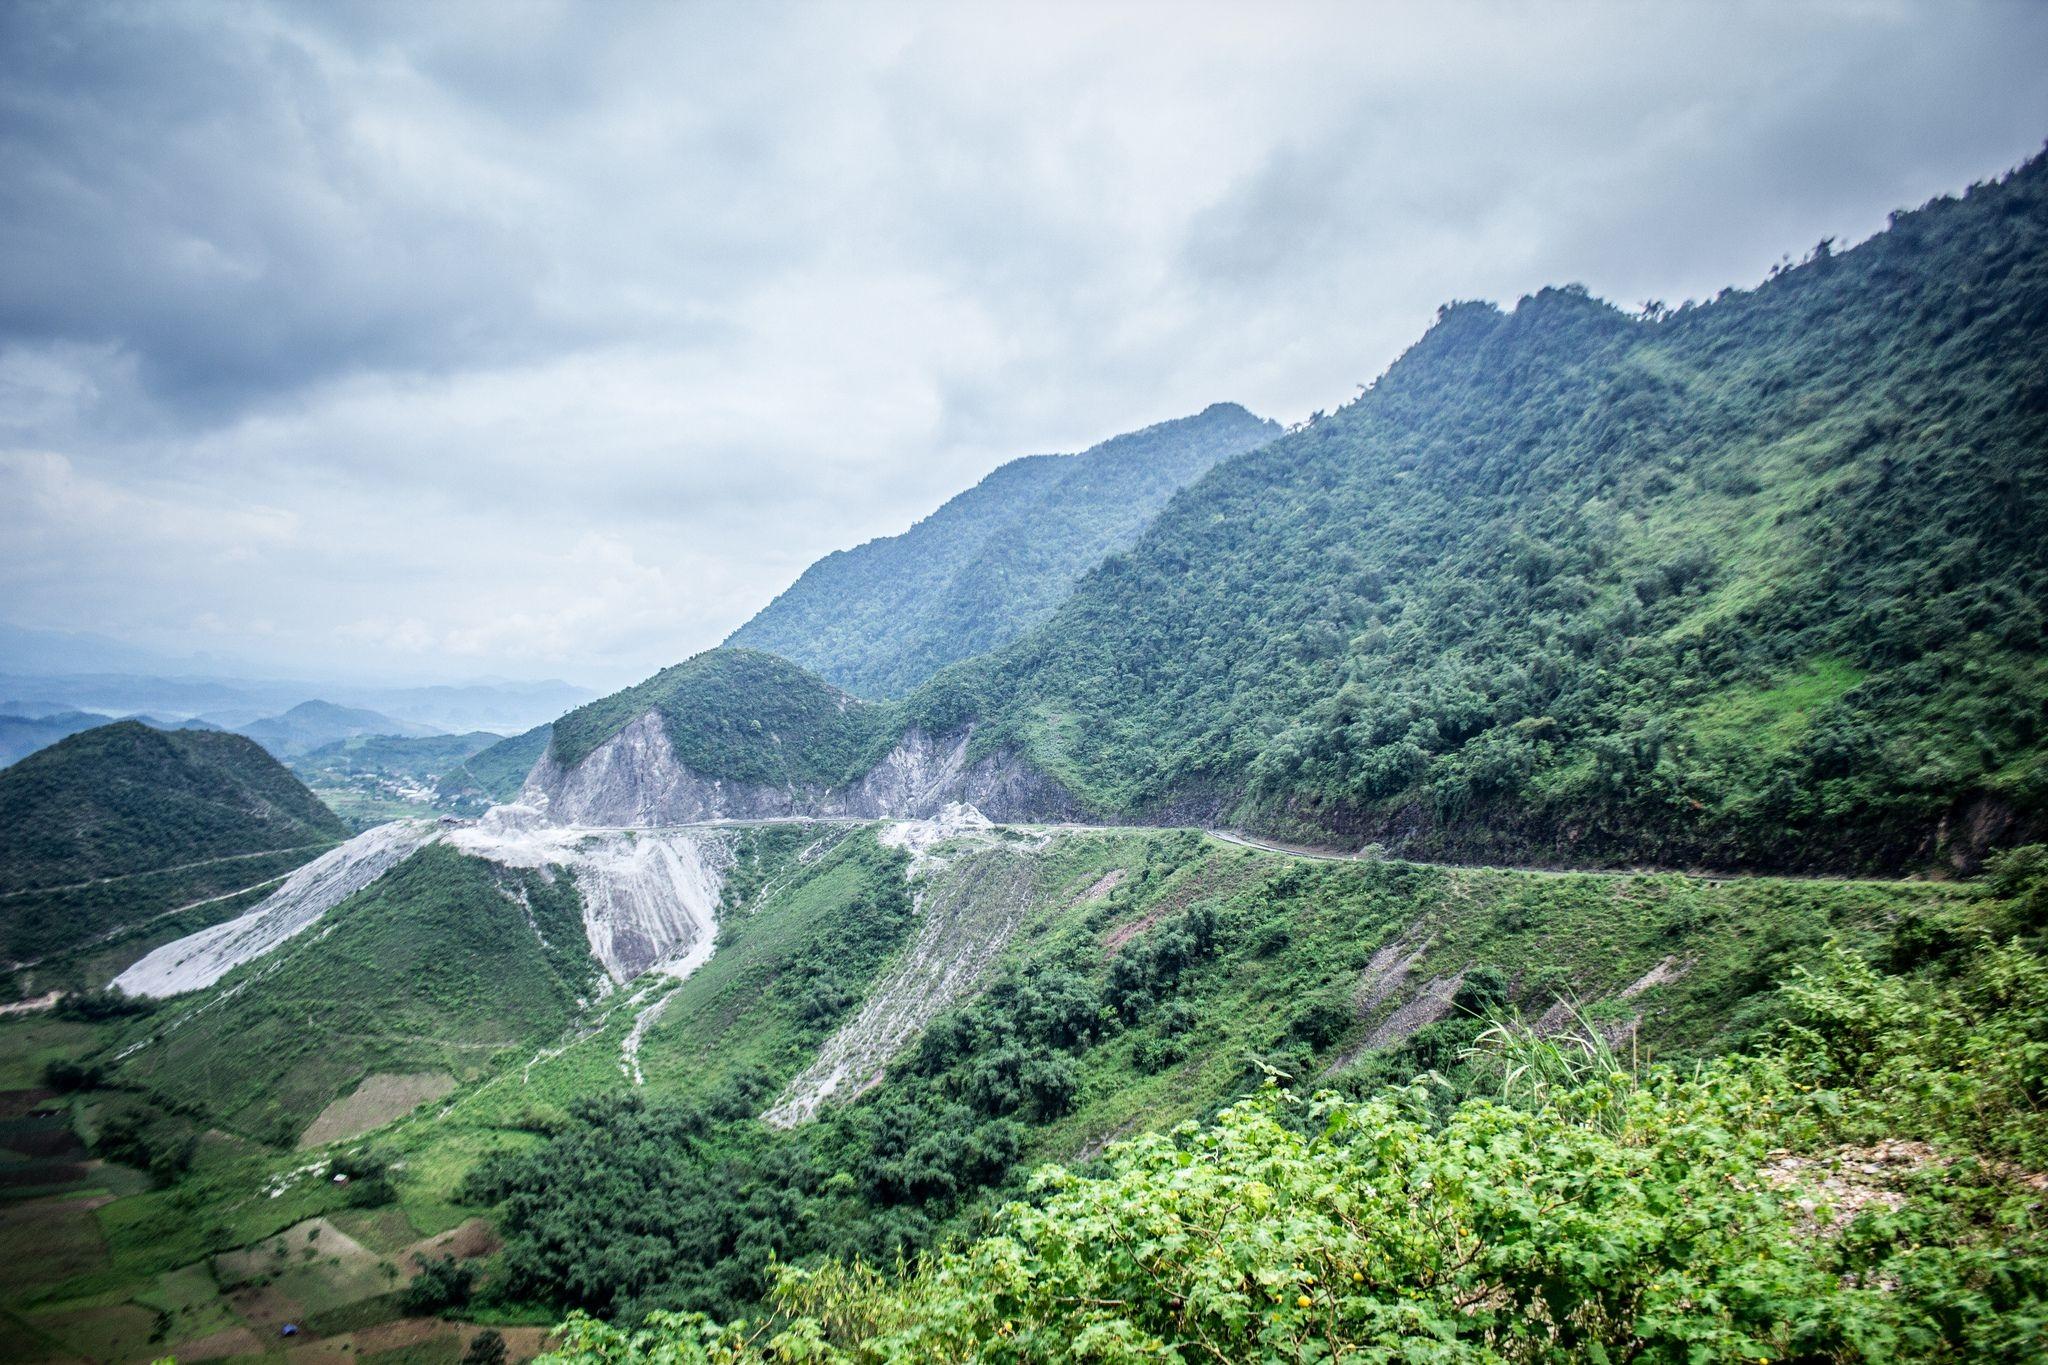 Đèo Thung Khe nay còn là nơi để các tay lái trải nghiệm cảm giác mạnh mỗi khi lên Tây Bắc.